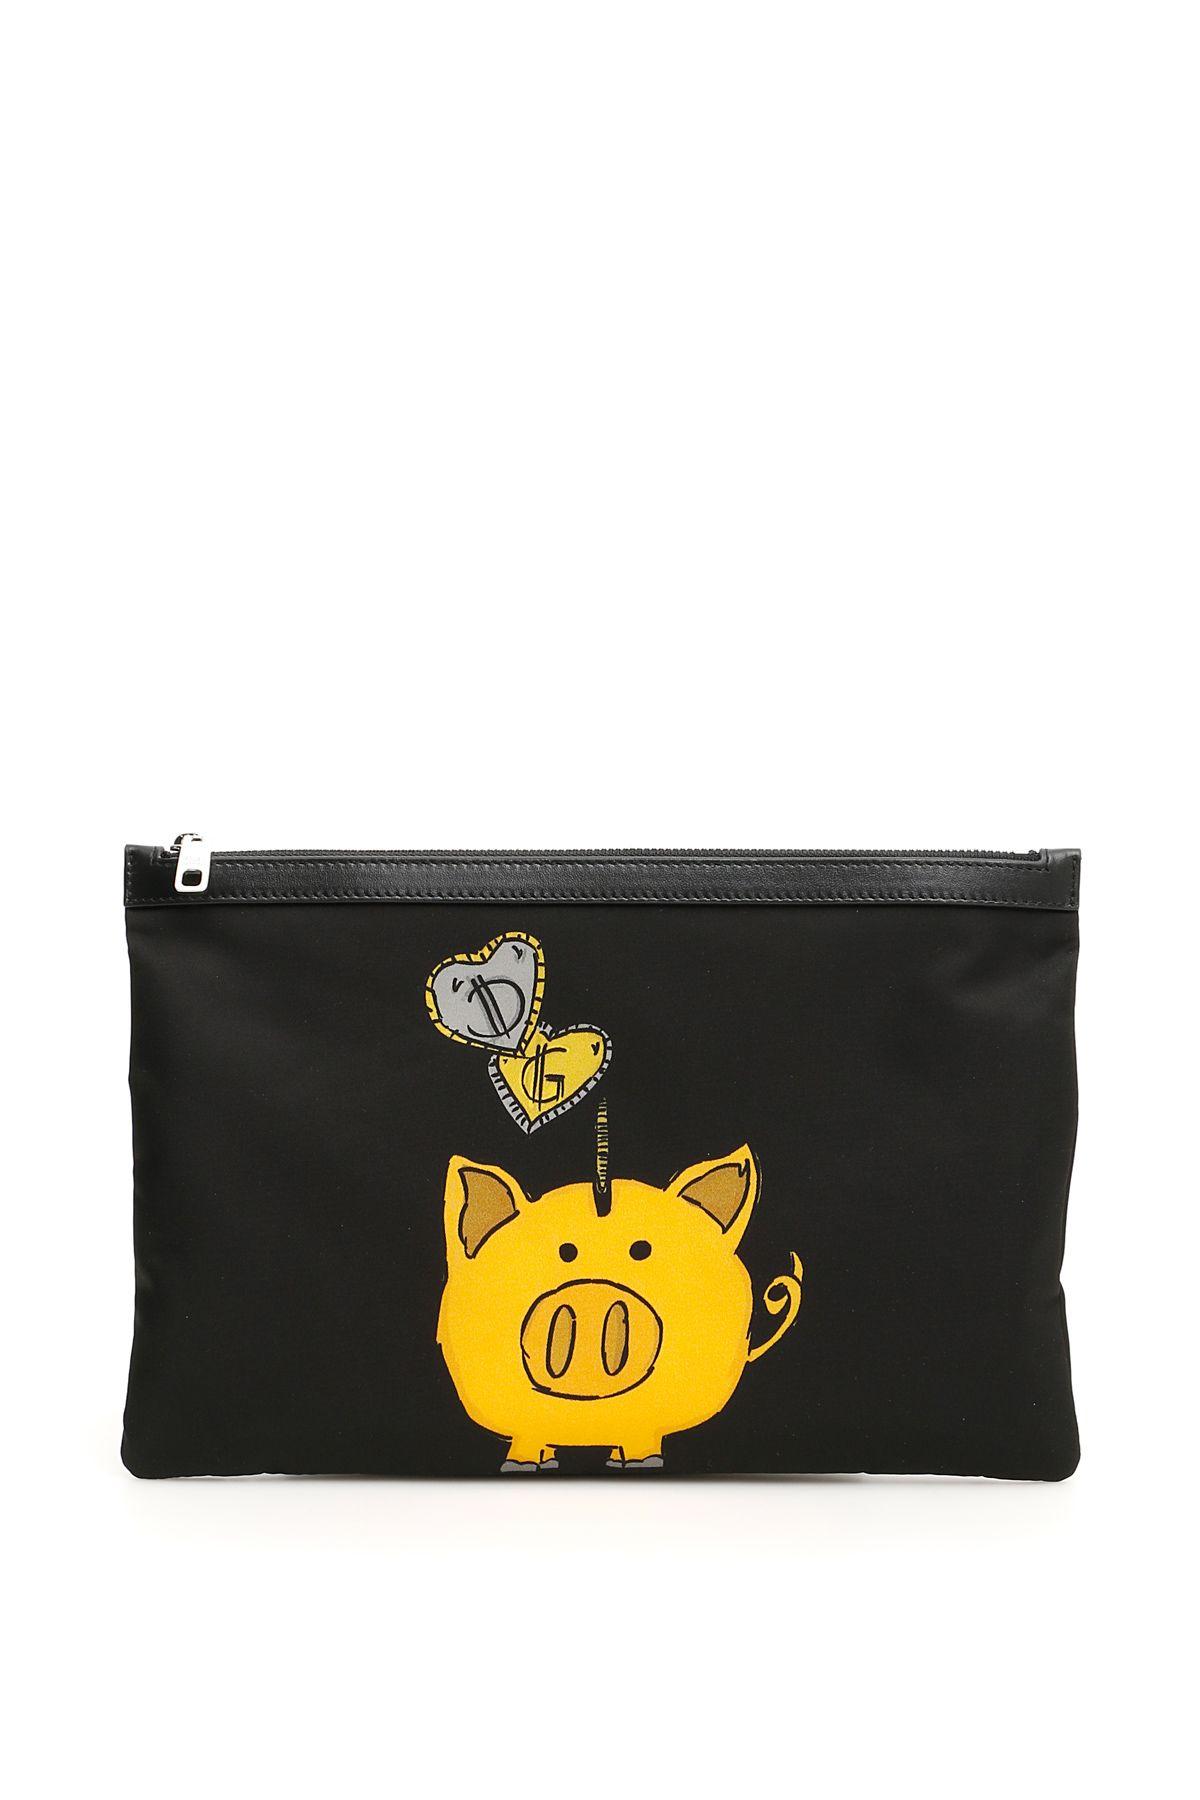 Dolce & Gabbana Piggy Bank Flat Pouch